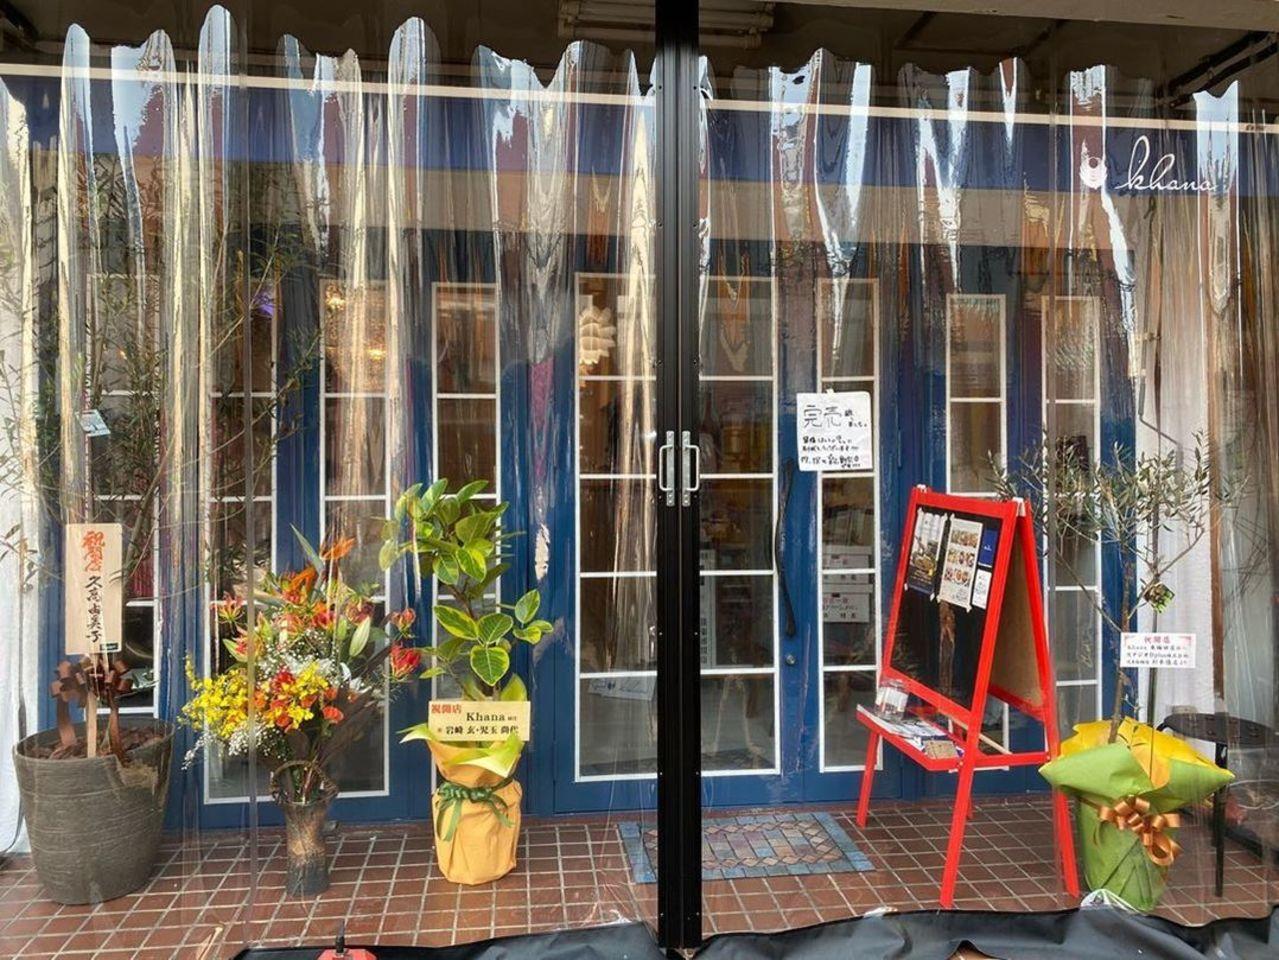 マヌカハニーを美味しく愉しむ...大阪市北区堂山町に「khana東梅田店」4/16よりプレオープン